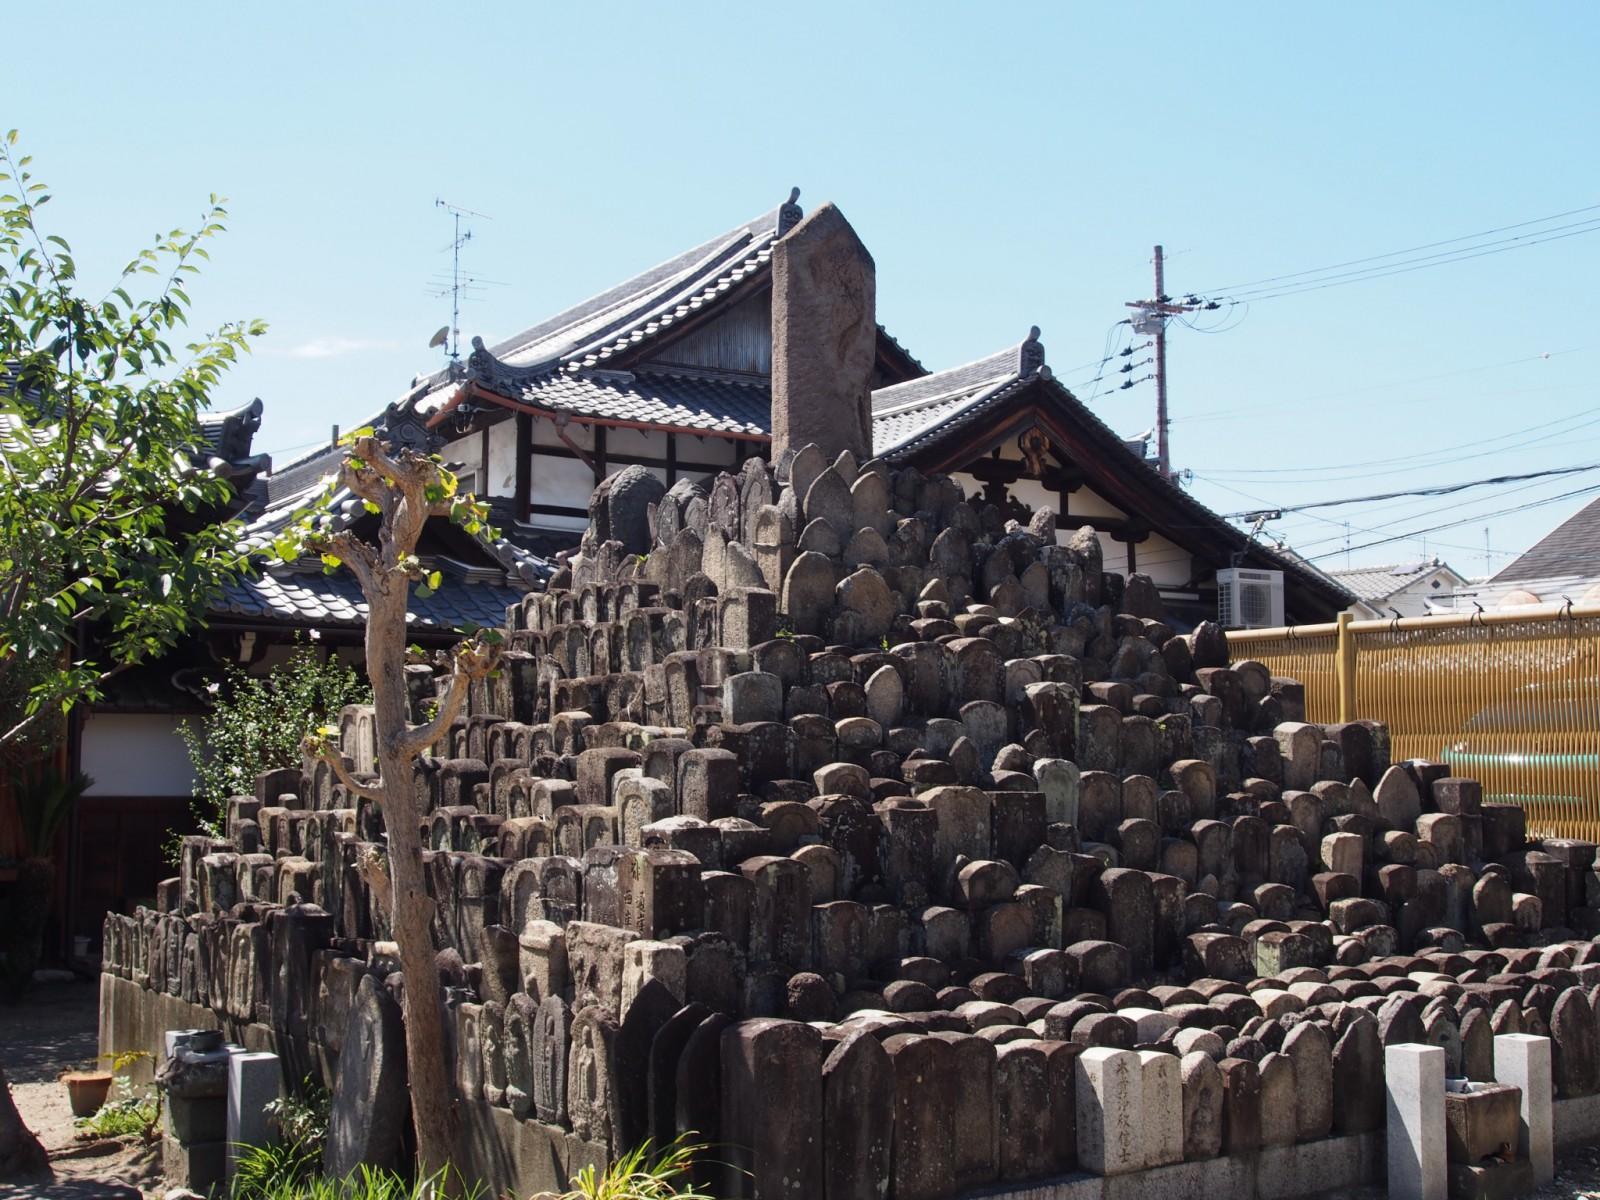 ならまちエリアで最大規模の「無縁塔」(称念寺)